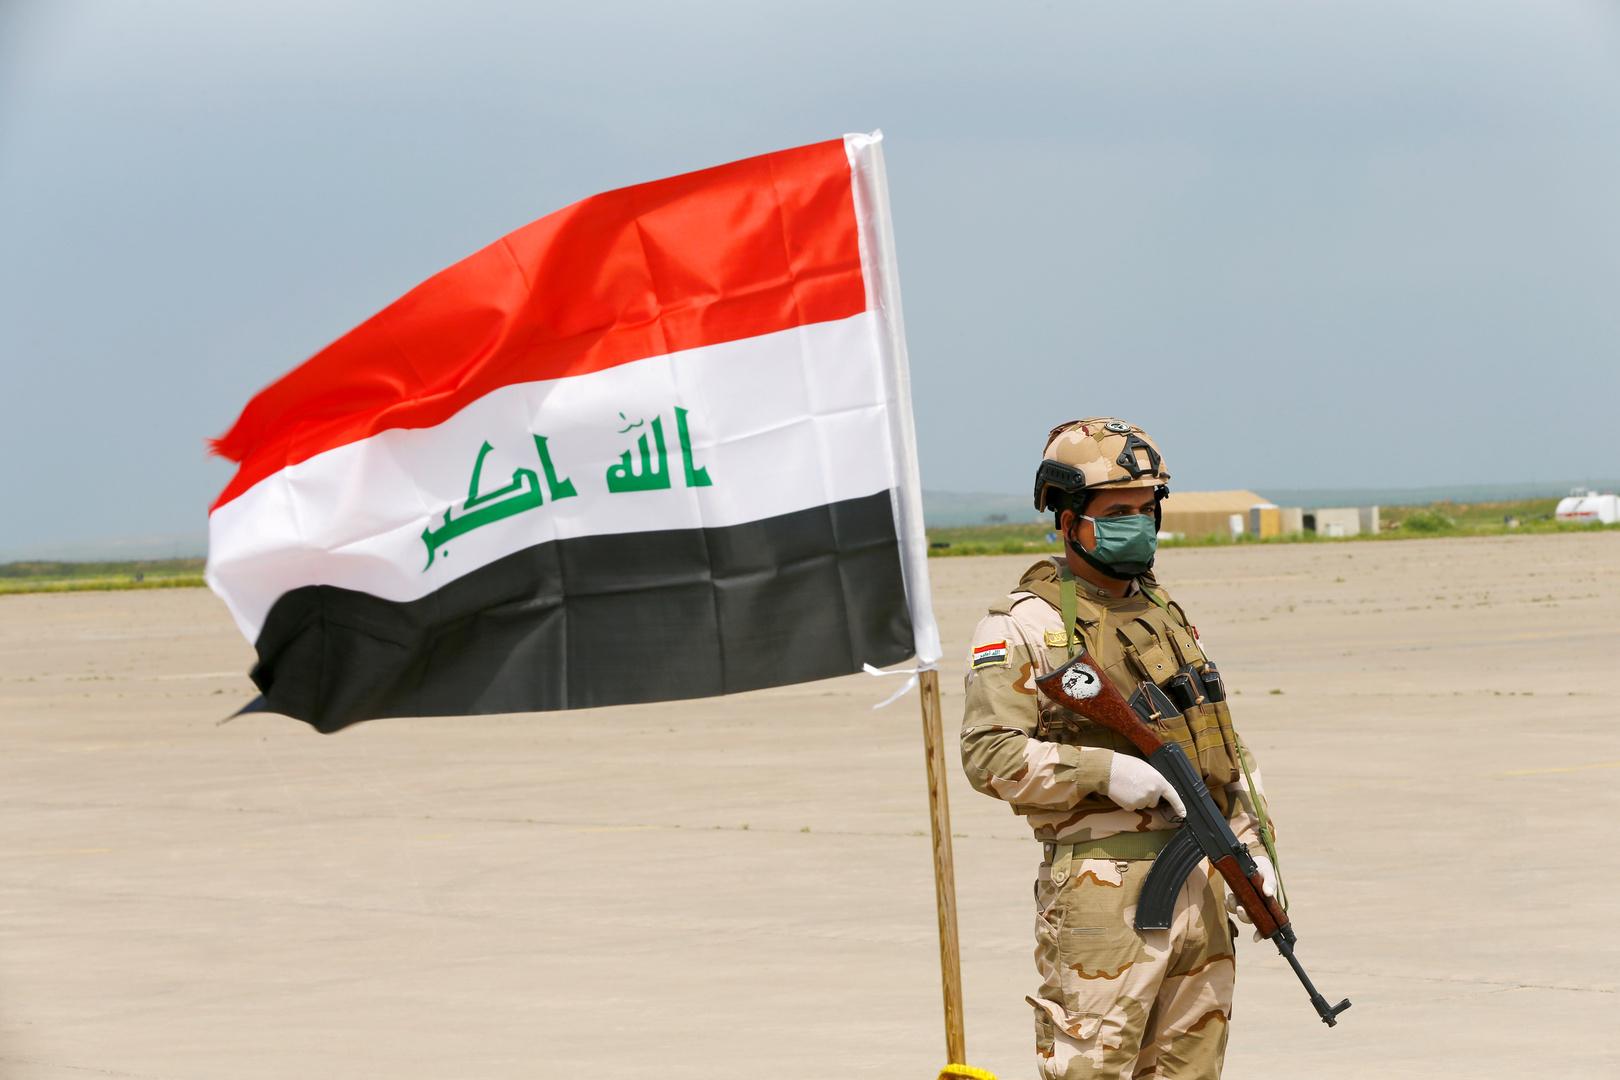 واشنطن: الحوار الاستراتيجي مع بغداد سيجري في 7 أبريل